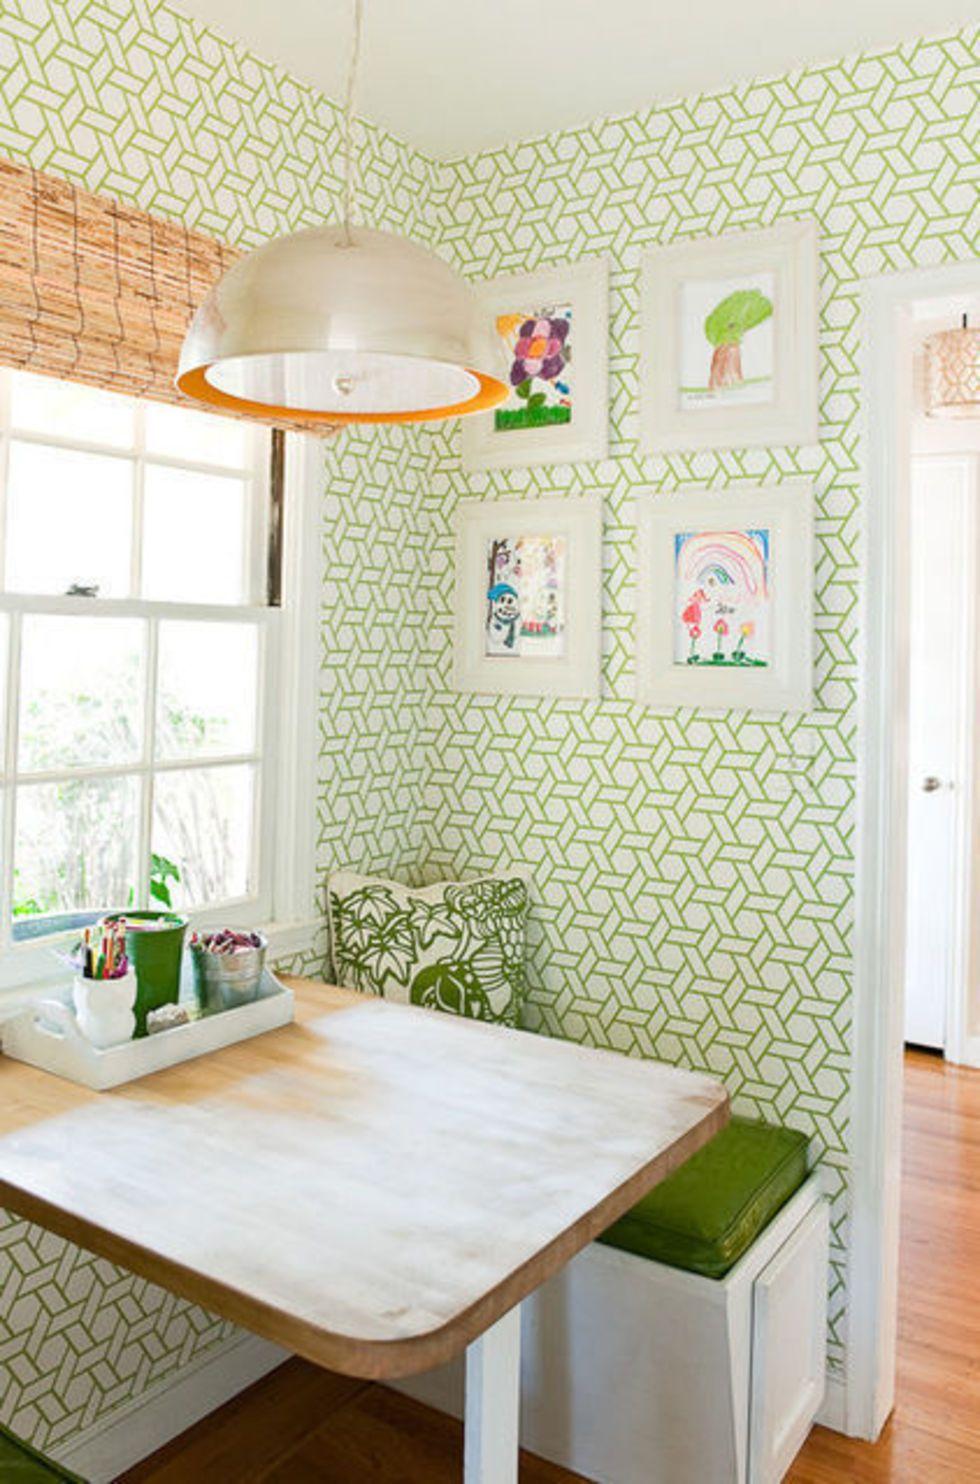 Dachboden über küchenideen Хочу диван на кухне  küche  pinterest  haus küchen ideen und